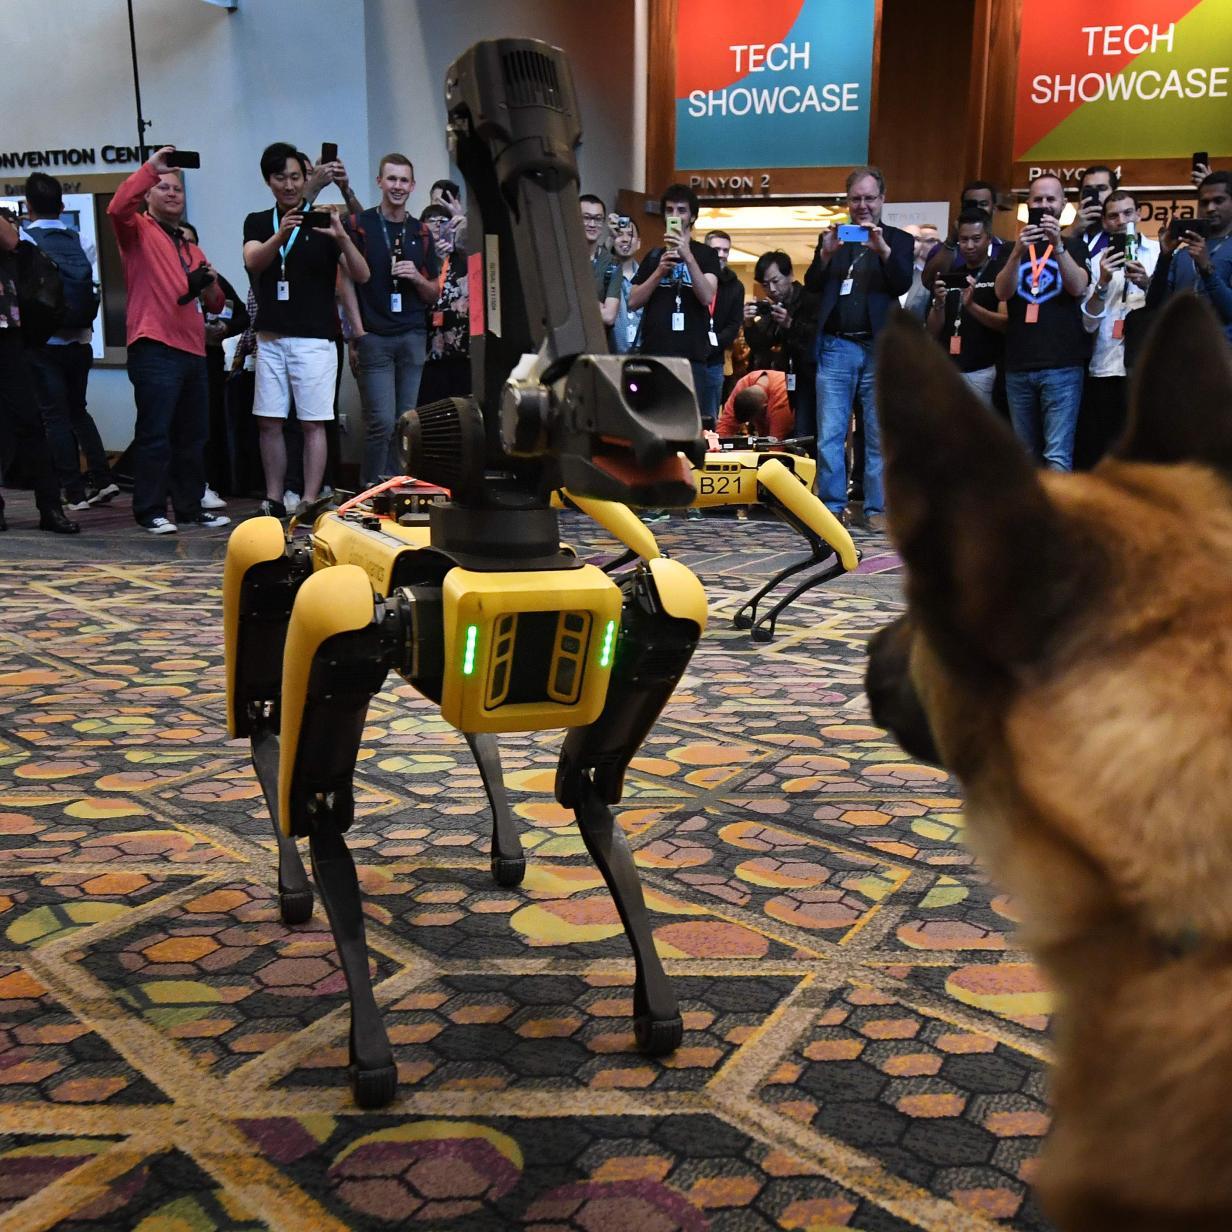 Video: Roboterhund Spot kollabiert dramatisch bei Live-Auftritt